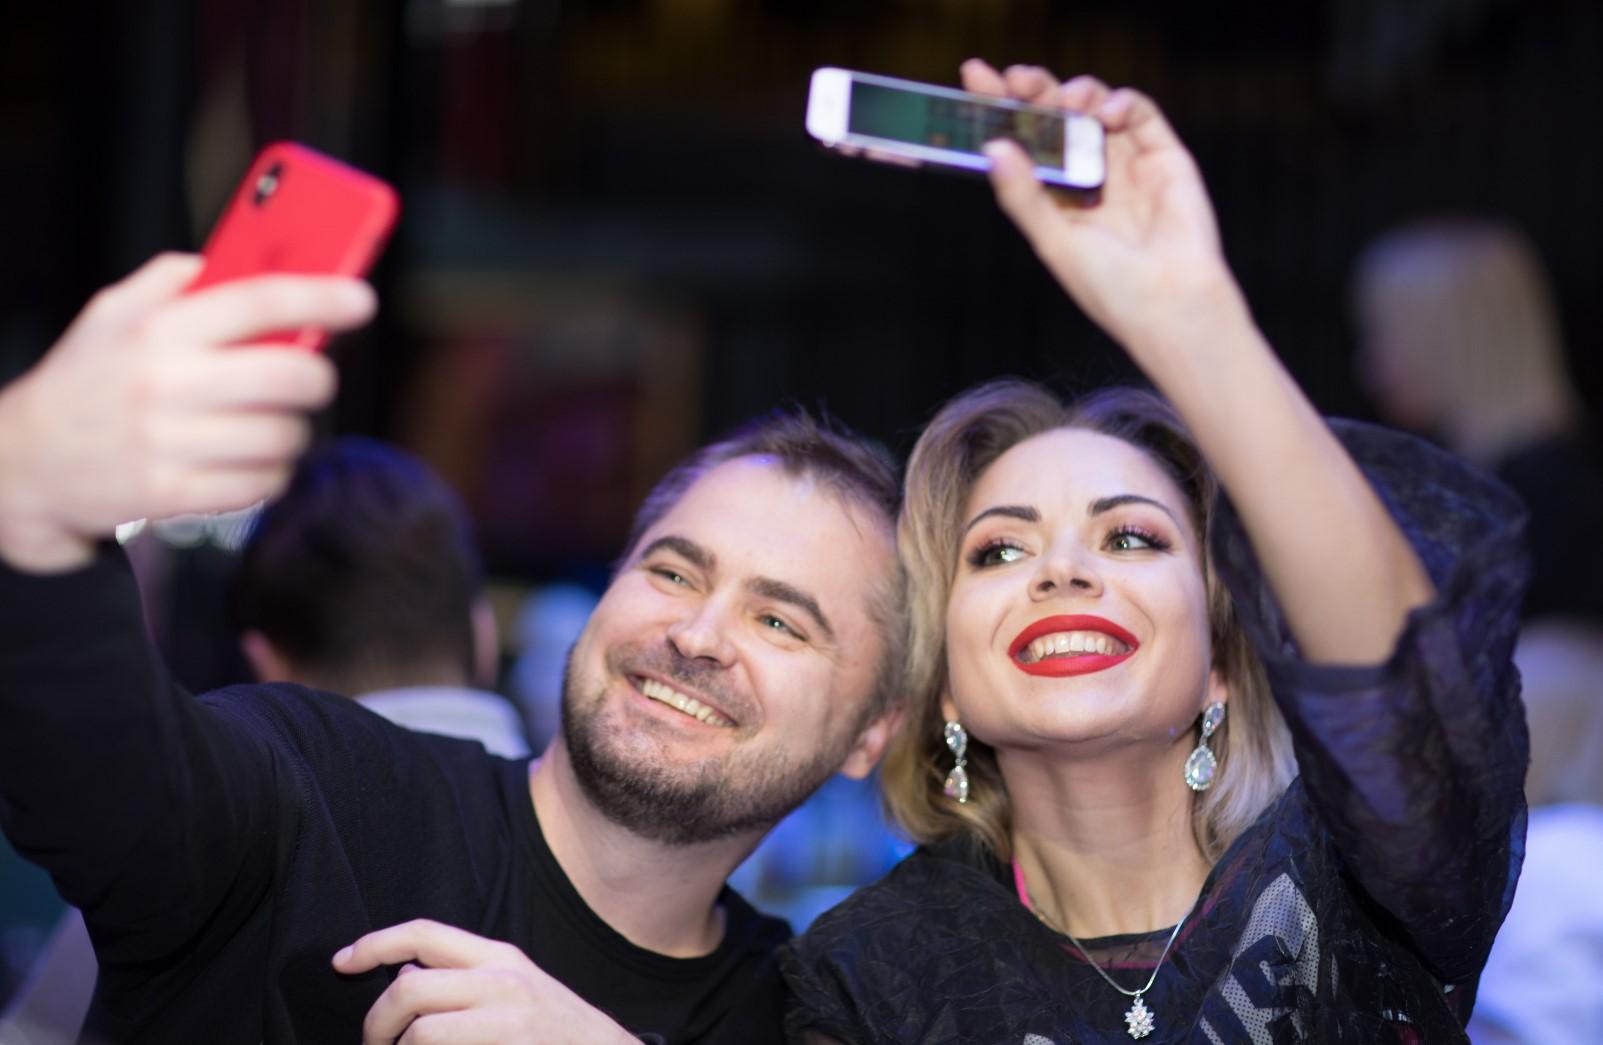 vladimir-brilyov-prezentoval-klip-ne-nado-falshi — копия